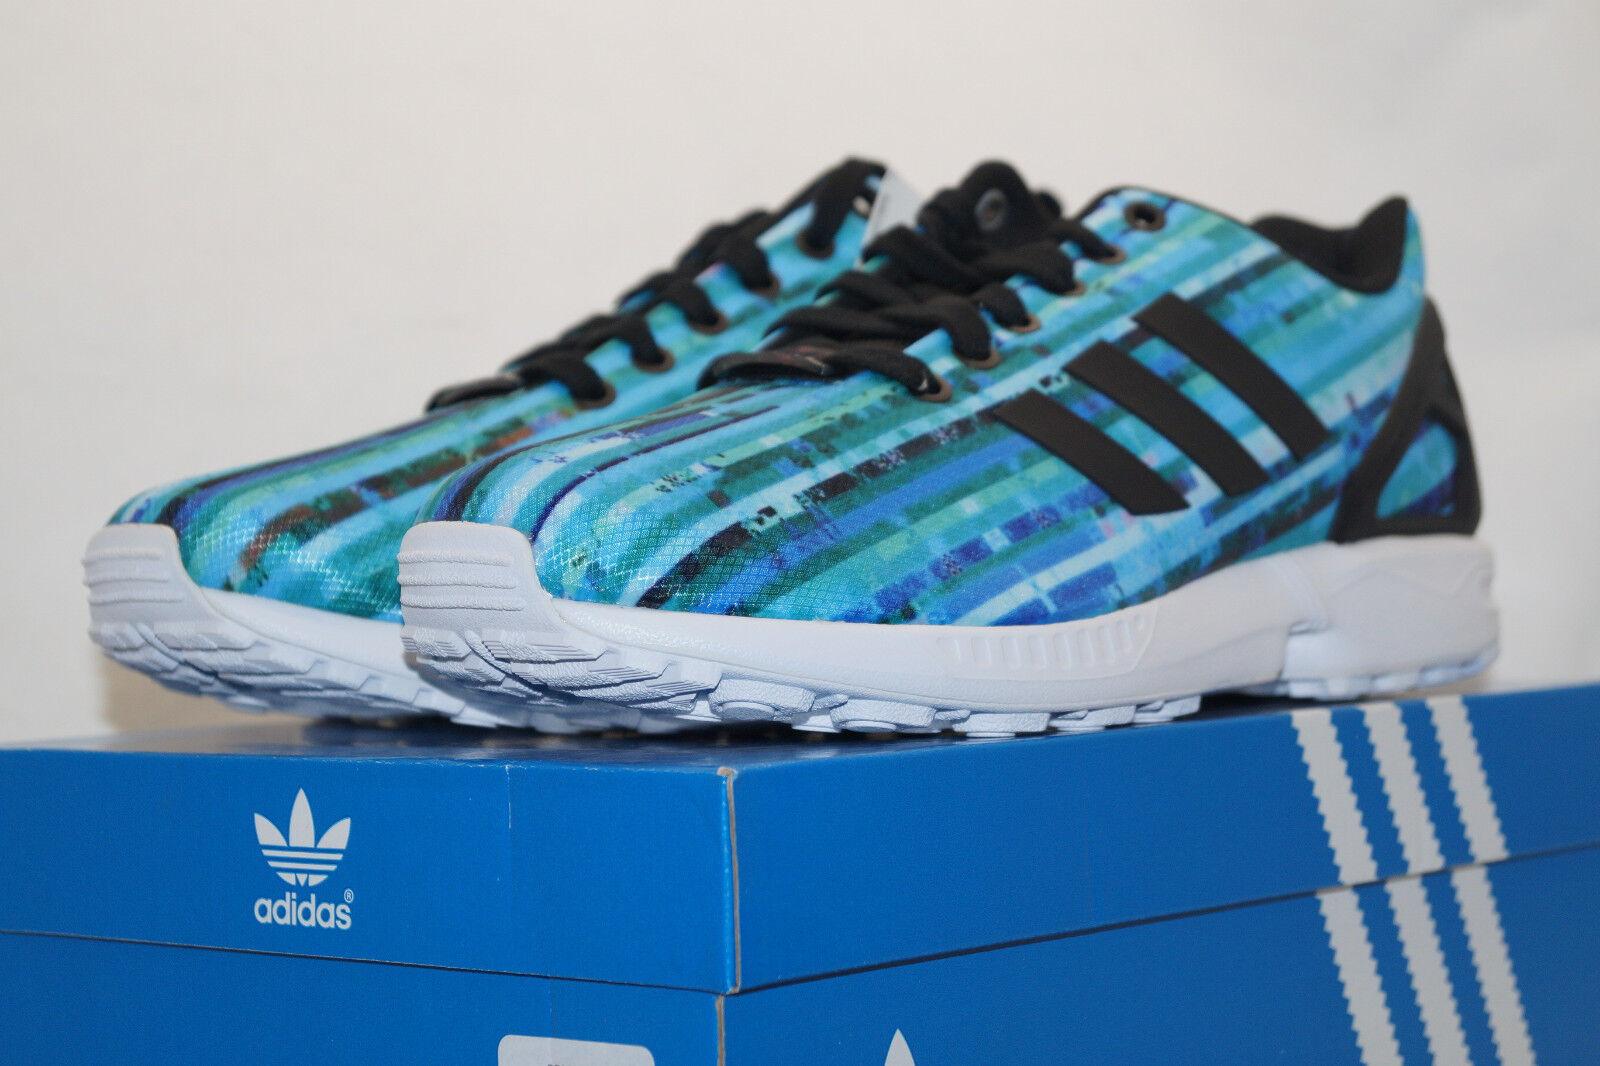 Adidas ZX FLUX TORSION EU EU TORSION 42.6 UK 8.5 Running Schuhes türkis s76505 Laufschuhe 5e447d